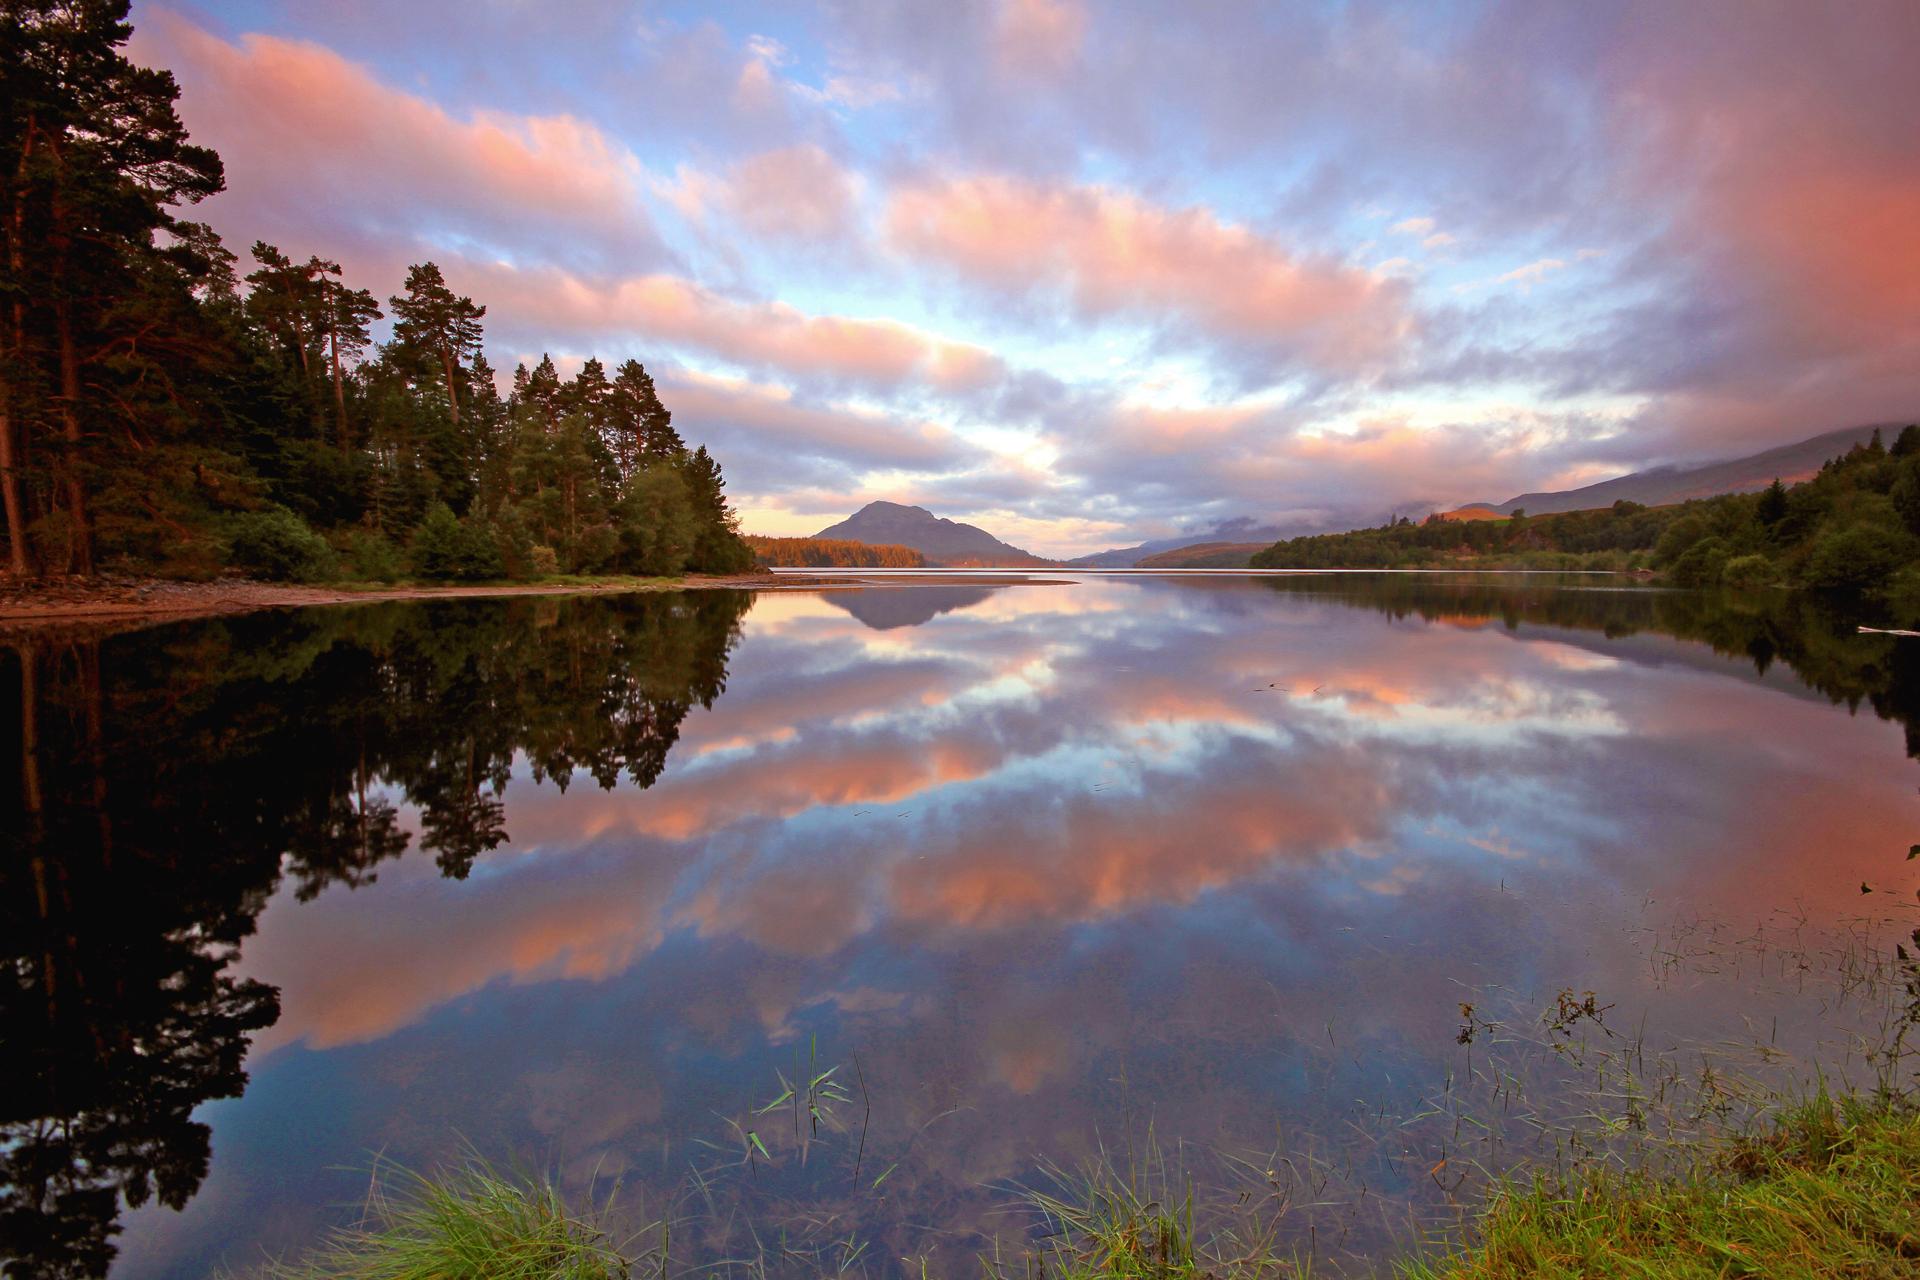 природа река горы небо облака отражение  № 2503239 бесплатно